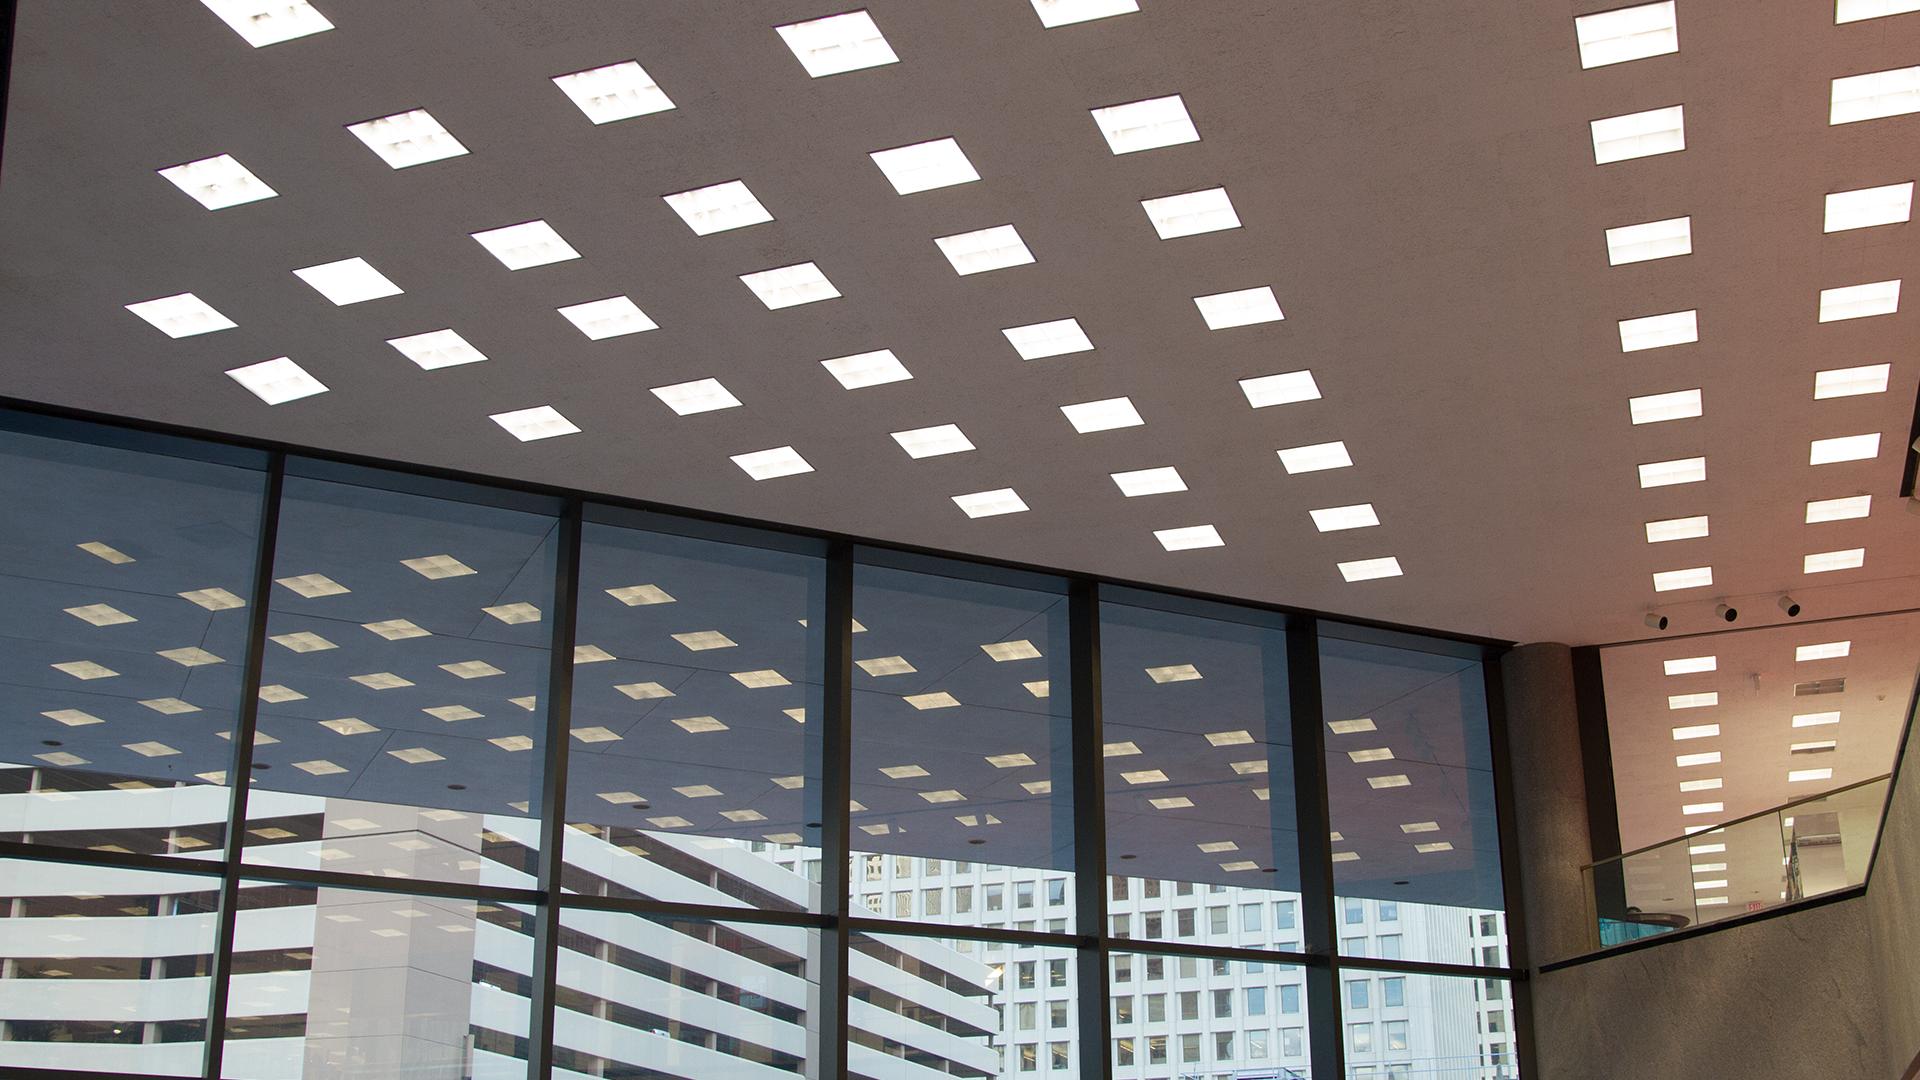 Low Bay Indoor Lighting Landing Page